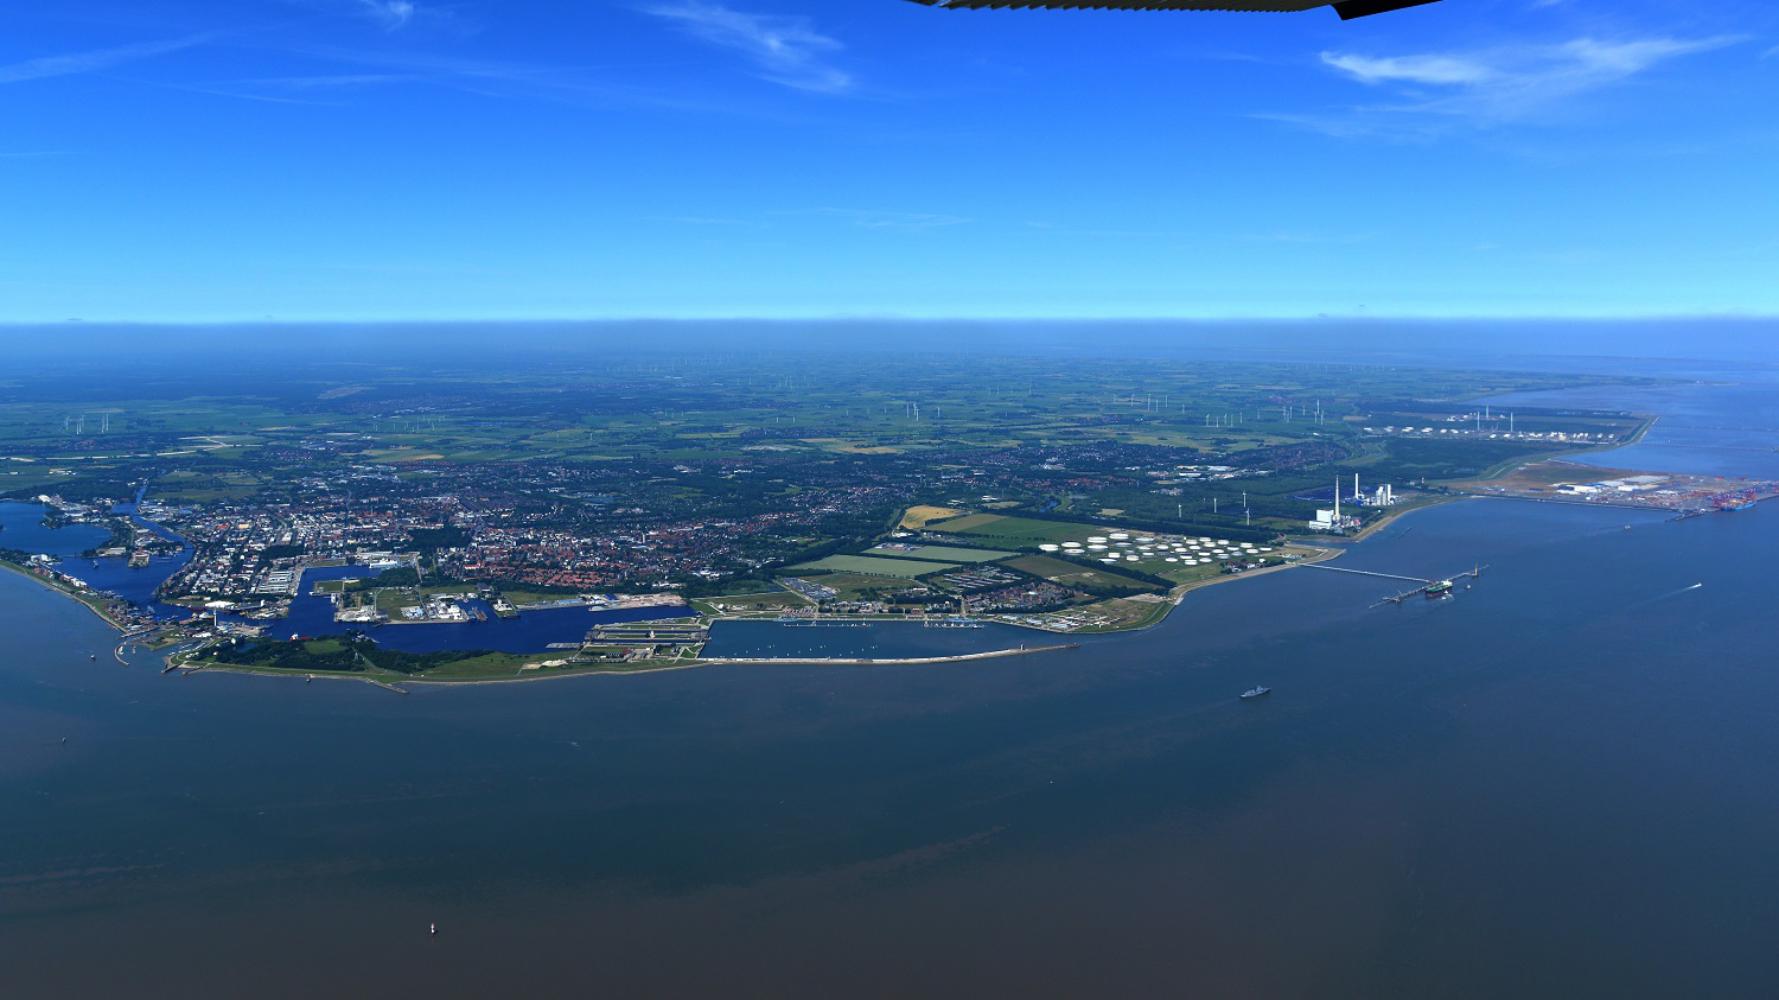 https://www.seaports.de/content/uploads/Luftaufnahme_Standort_Wilhelmshaven_web_1779x1000-1.jpg